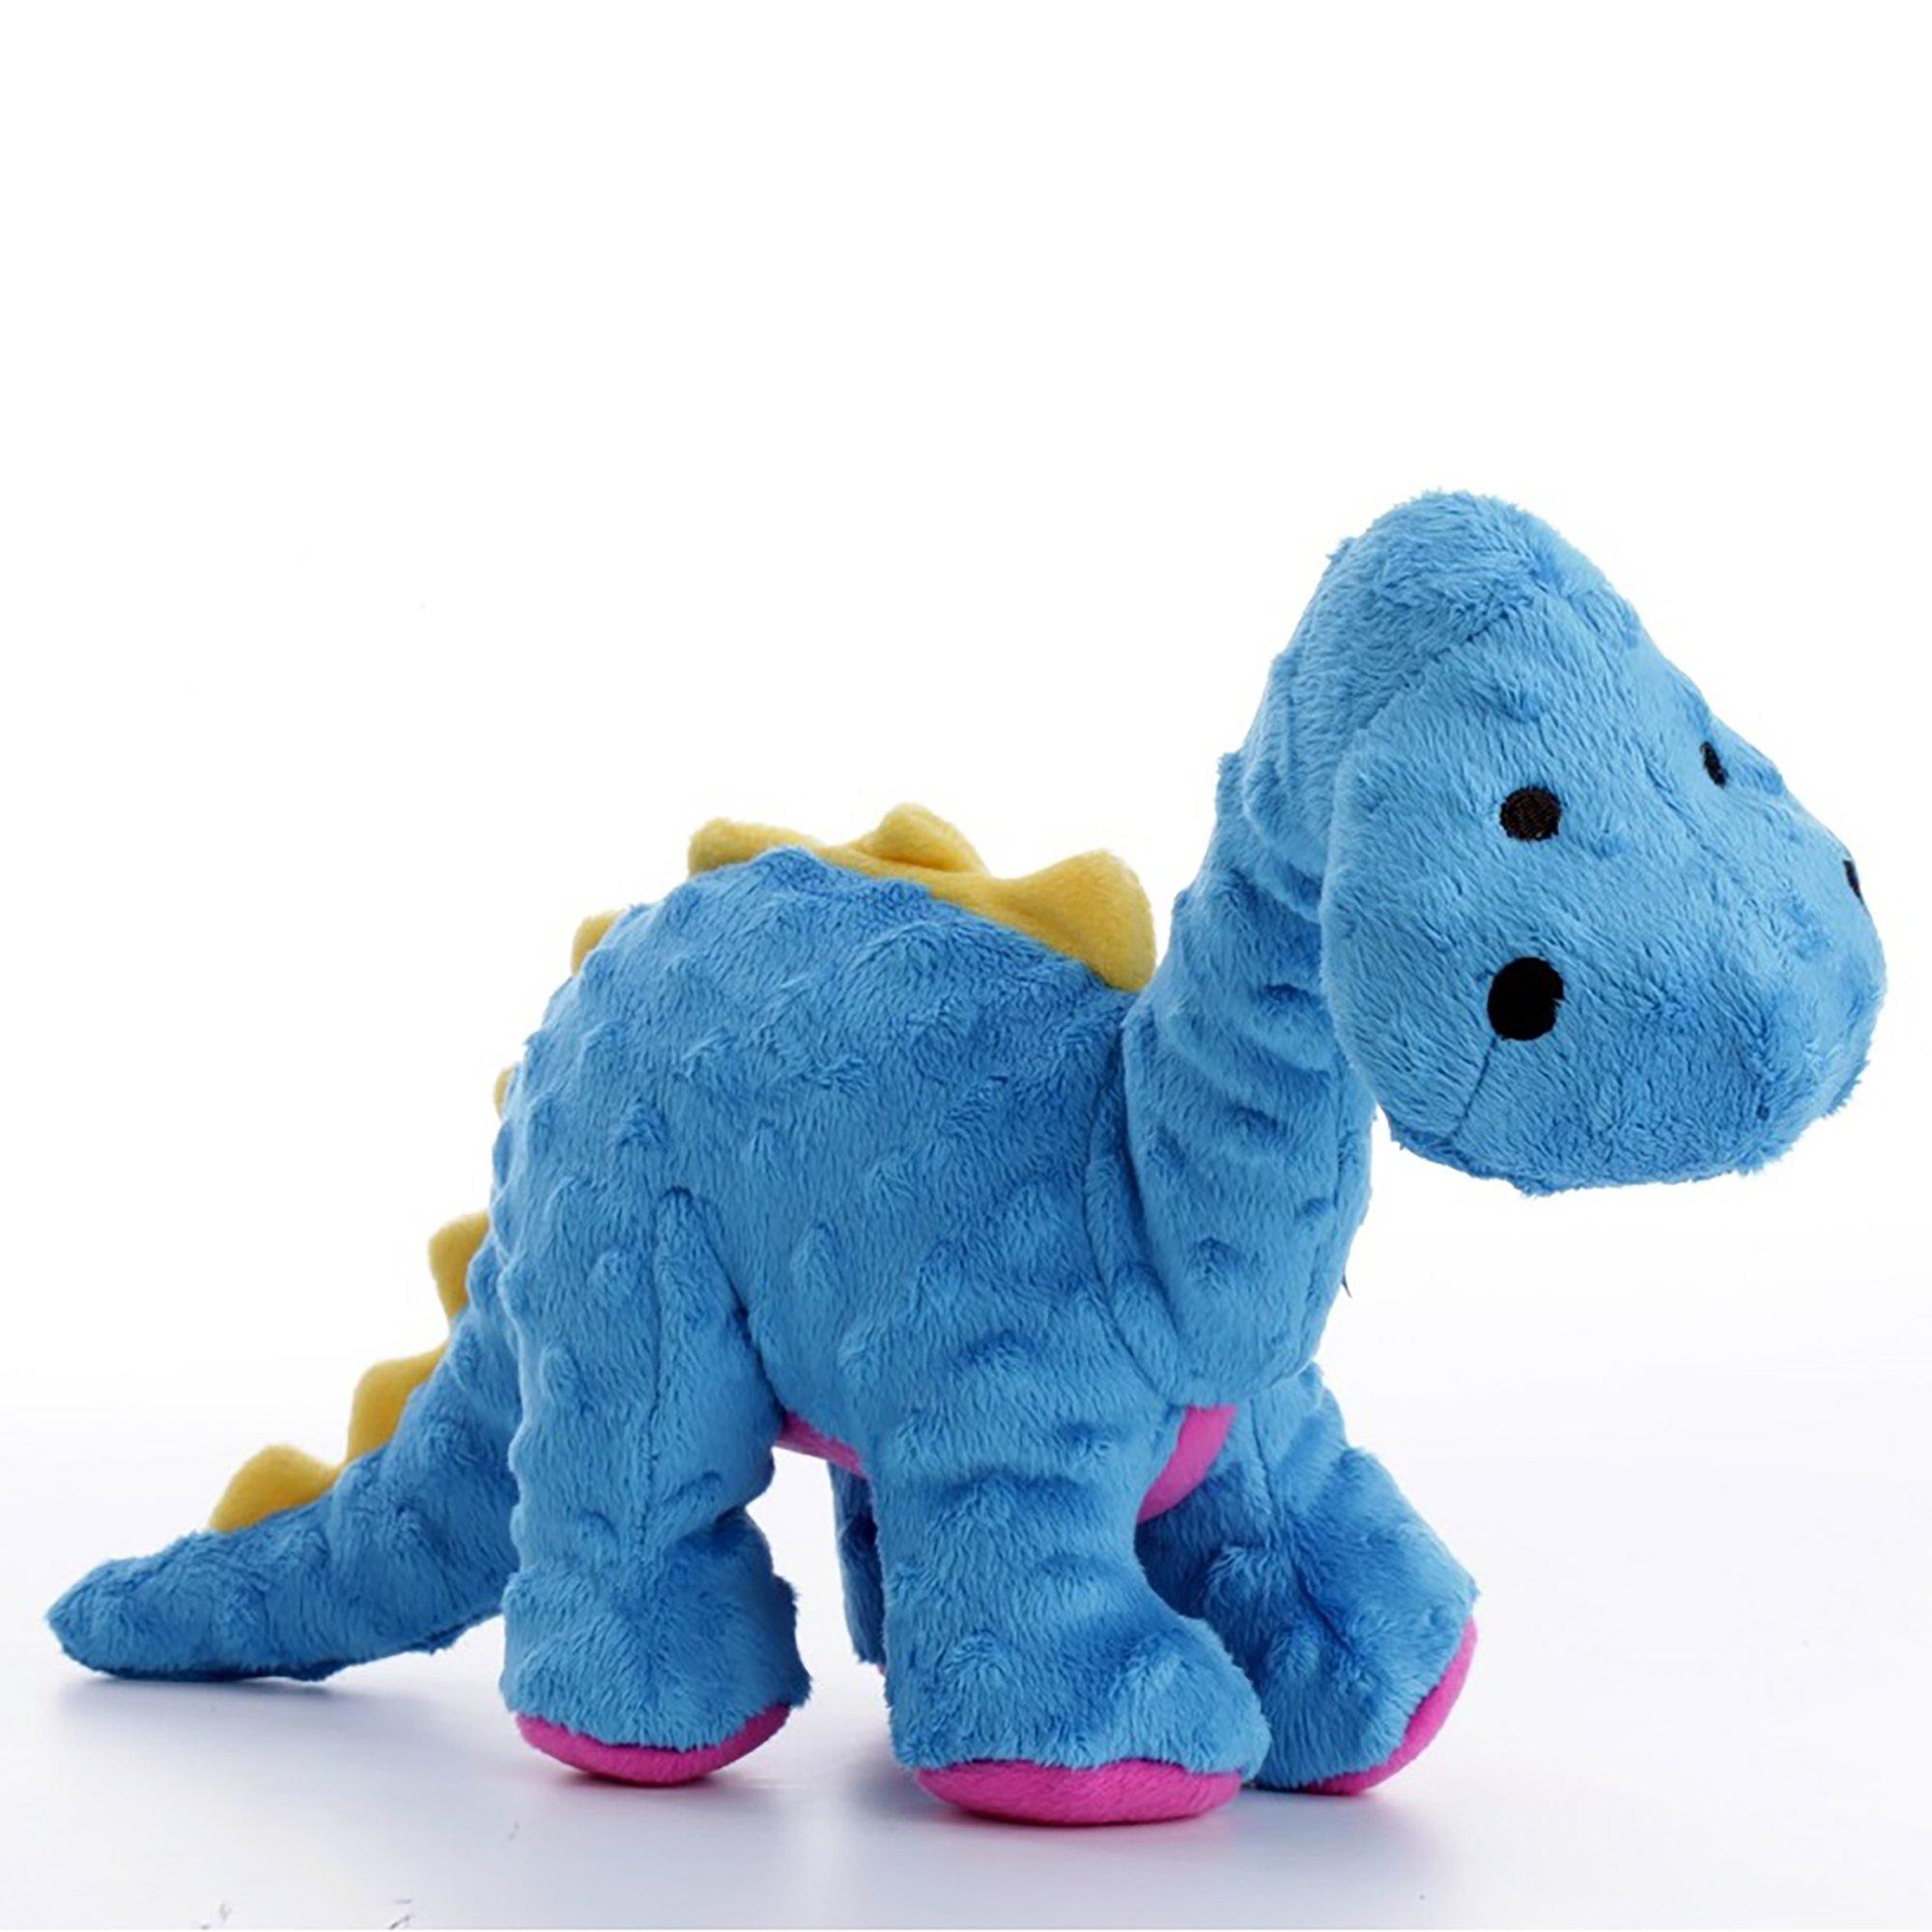 goDog Dino Bruot Blue Dog Toy